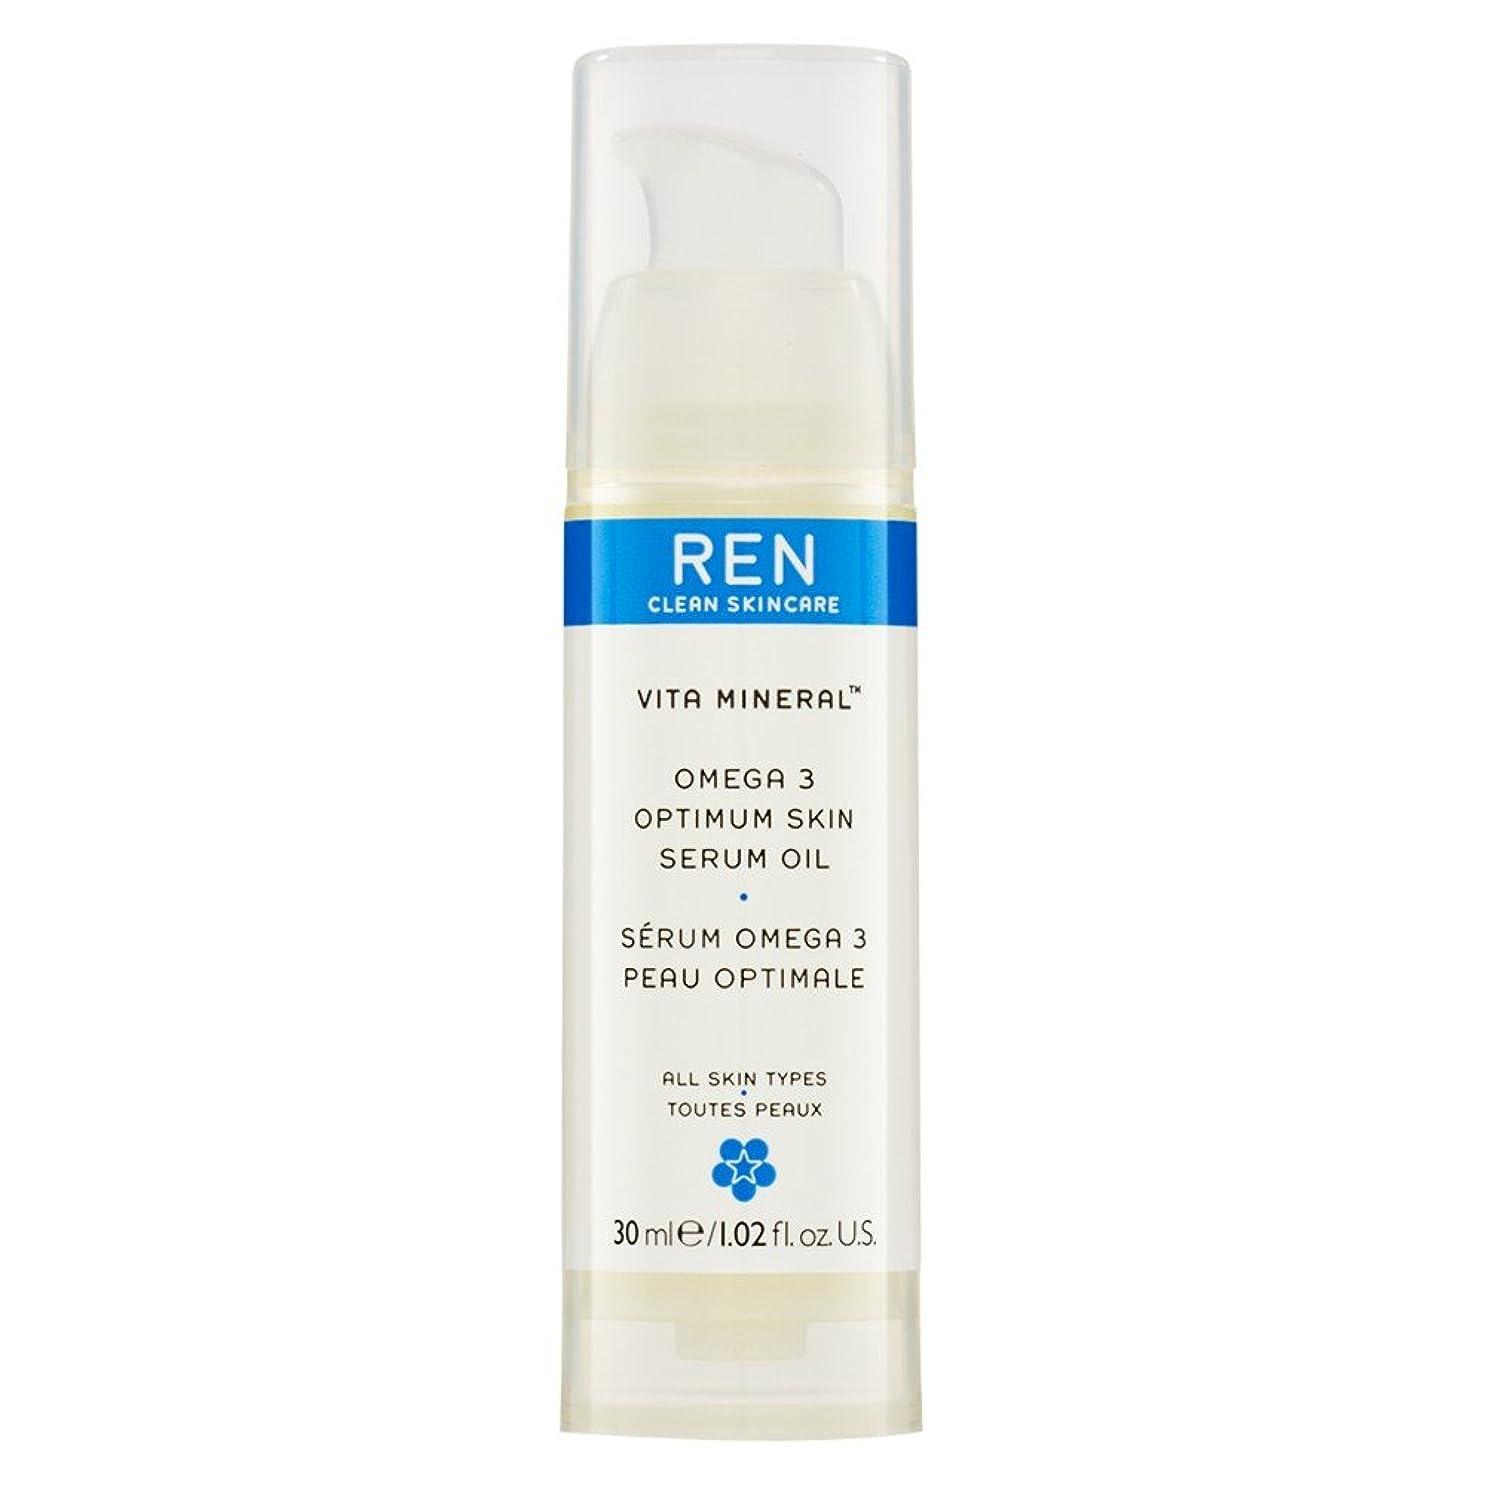 概して頂点水を飲むRenヴィータミネラル?オメガ3の最適な肌の血清オイル30ミリリットル (REN) (x6) - REN Vita Mineral? Omega 3 Optimum Skin Serum Oil 30ml (Pack of 6) [並行輸入品]